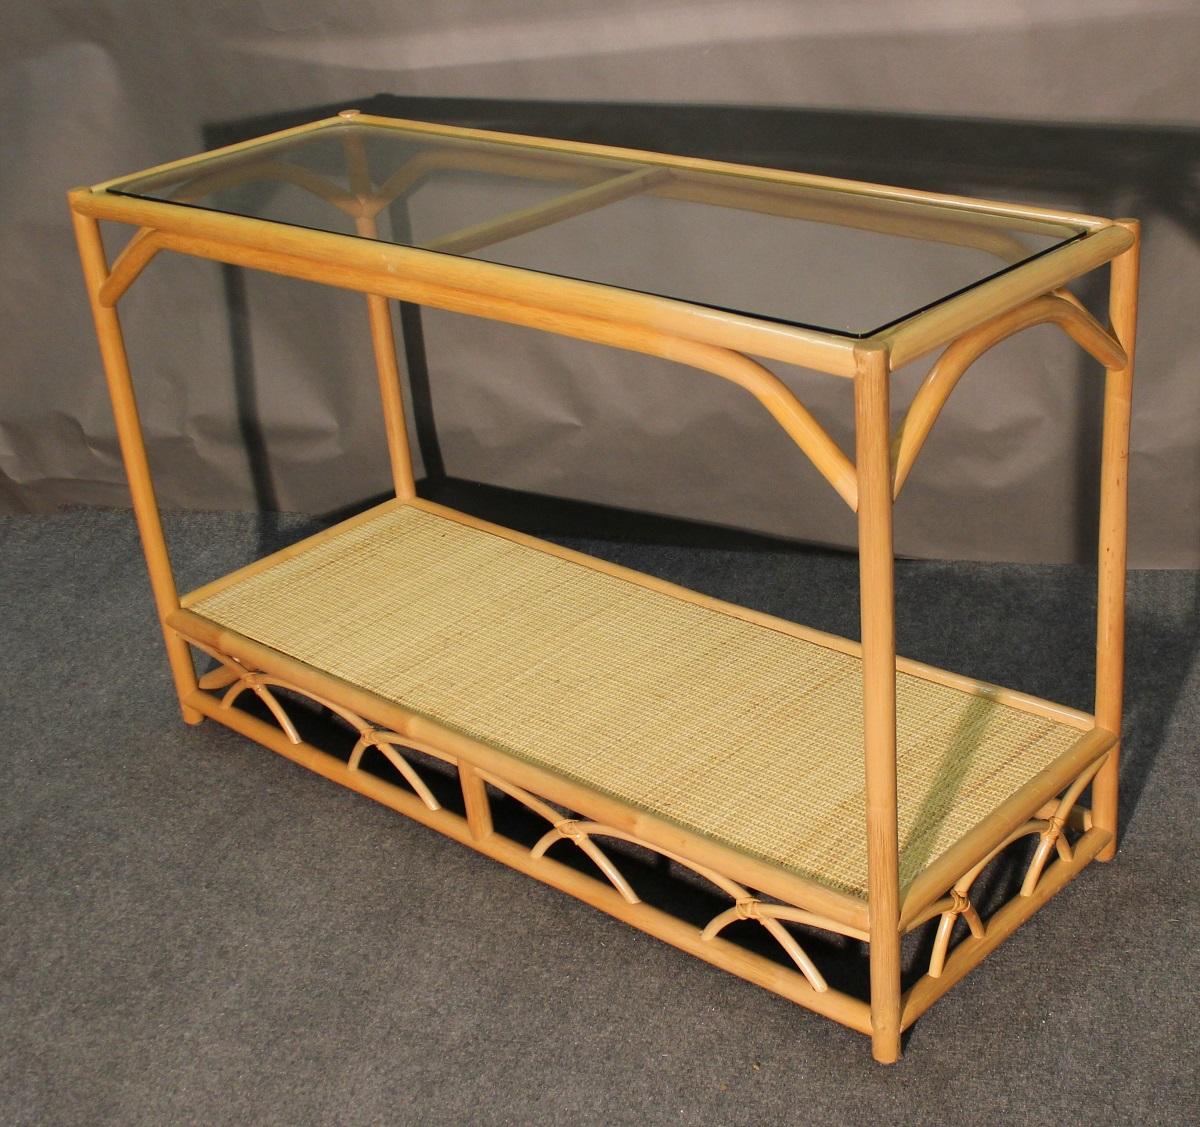 Aruba Rattan Console Sofa Table All About Wicker